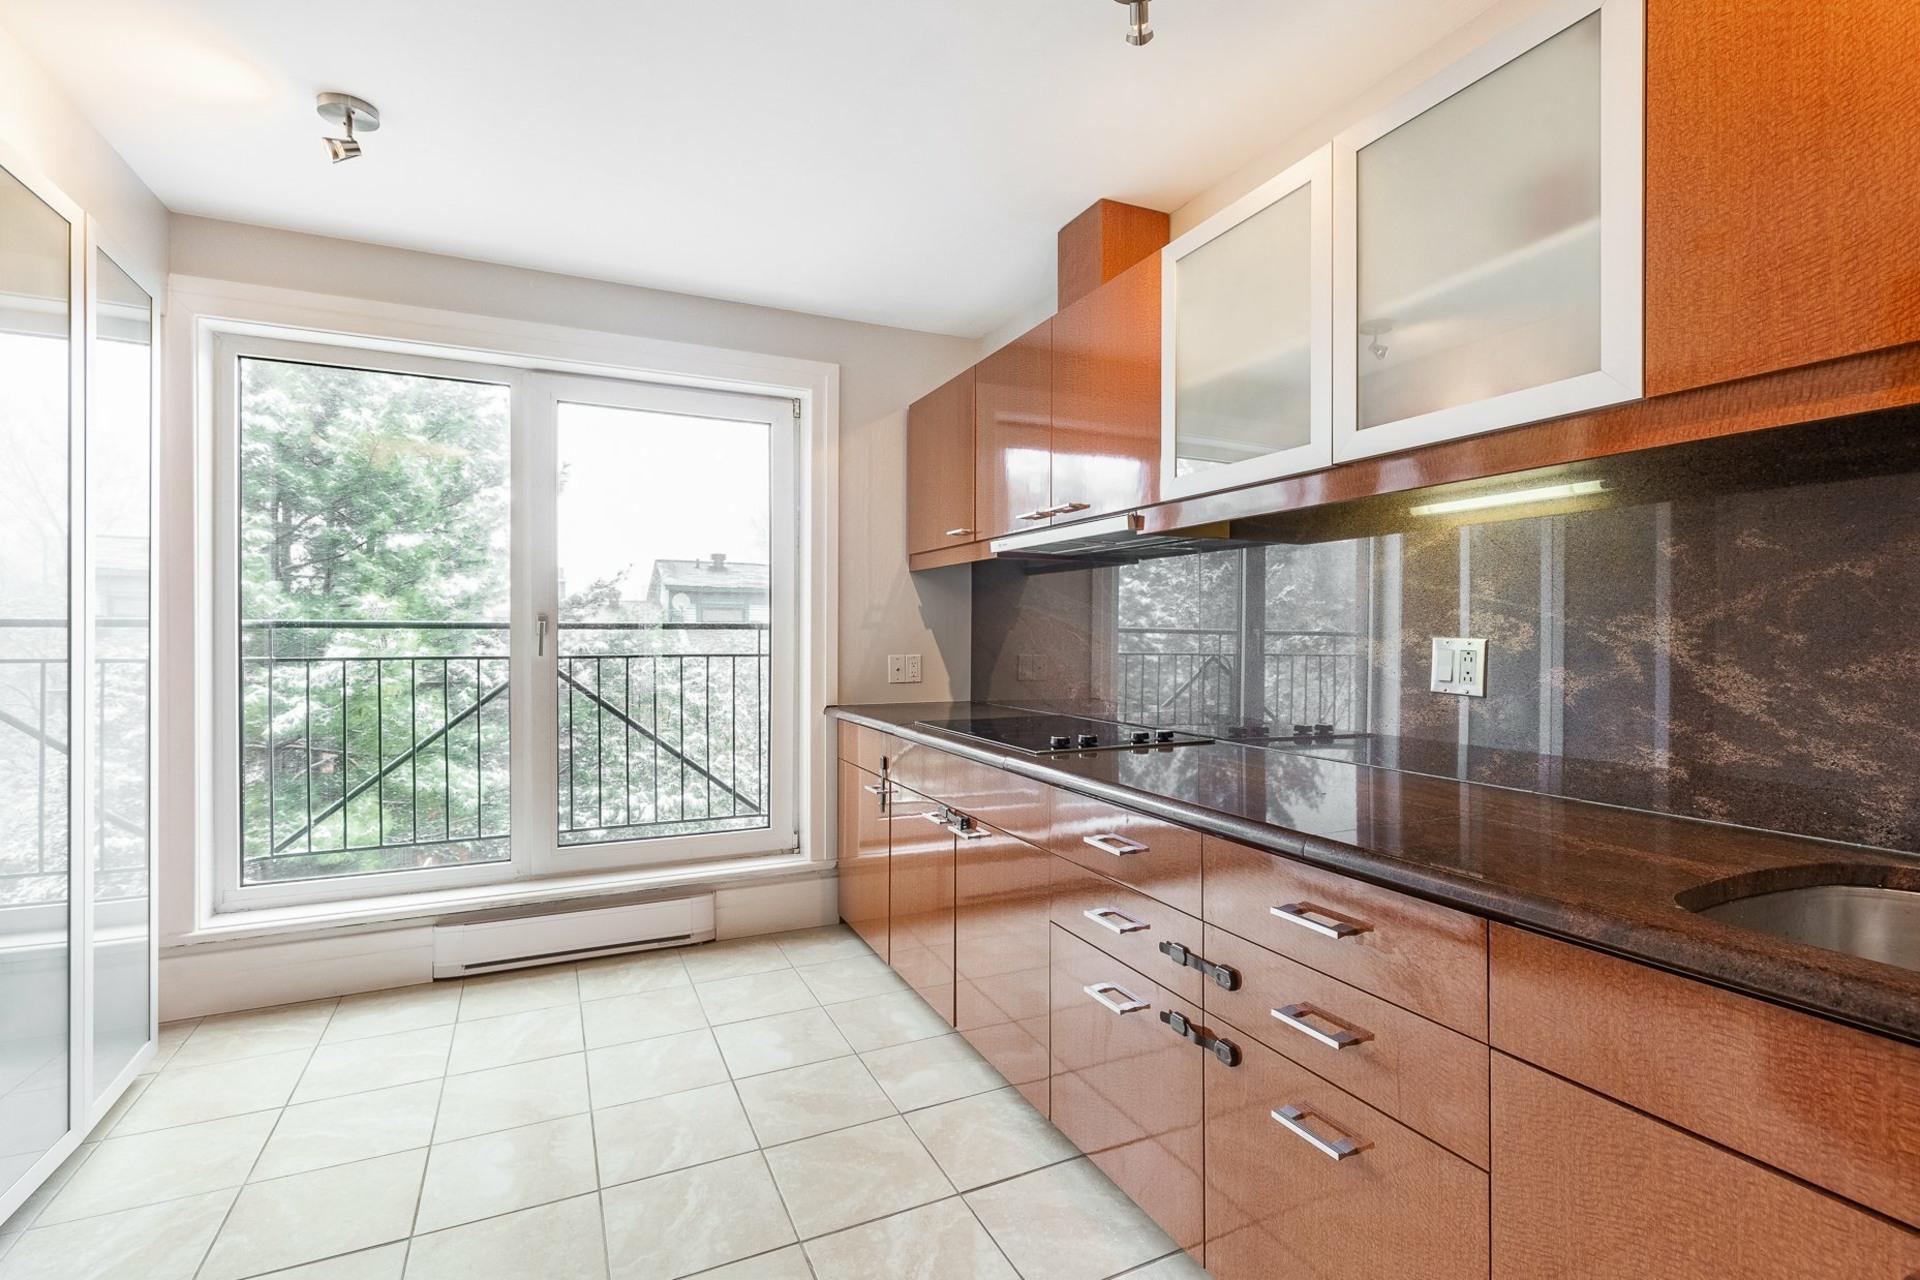 image 8 - Apartment For sale Verdun/Île-des-Soeurs Montréal  - 5 rooms